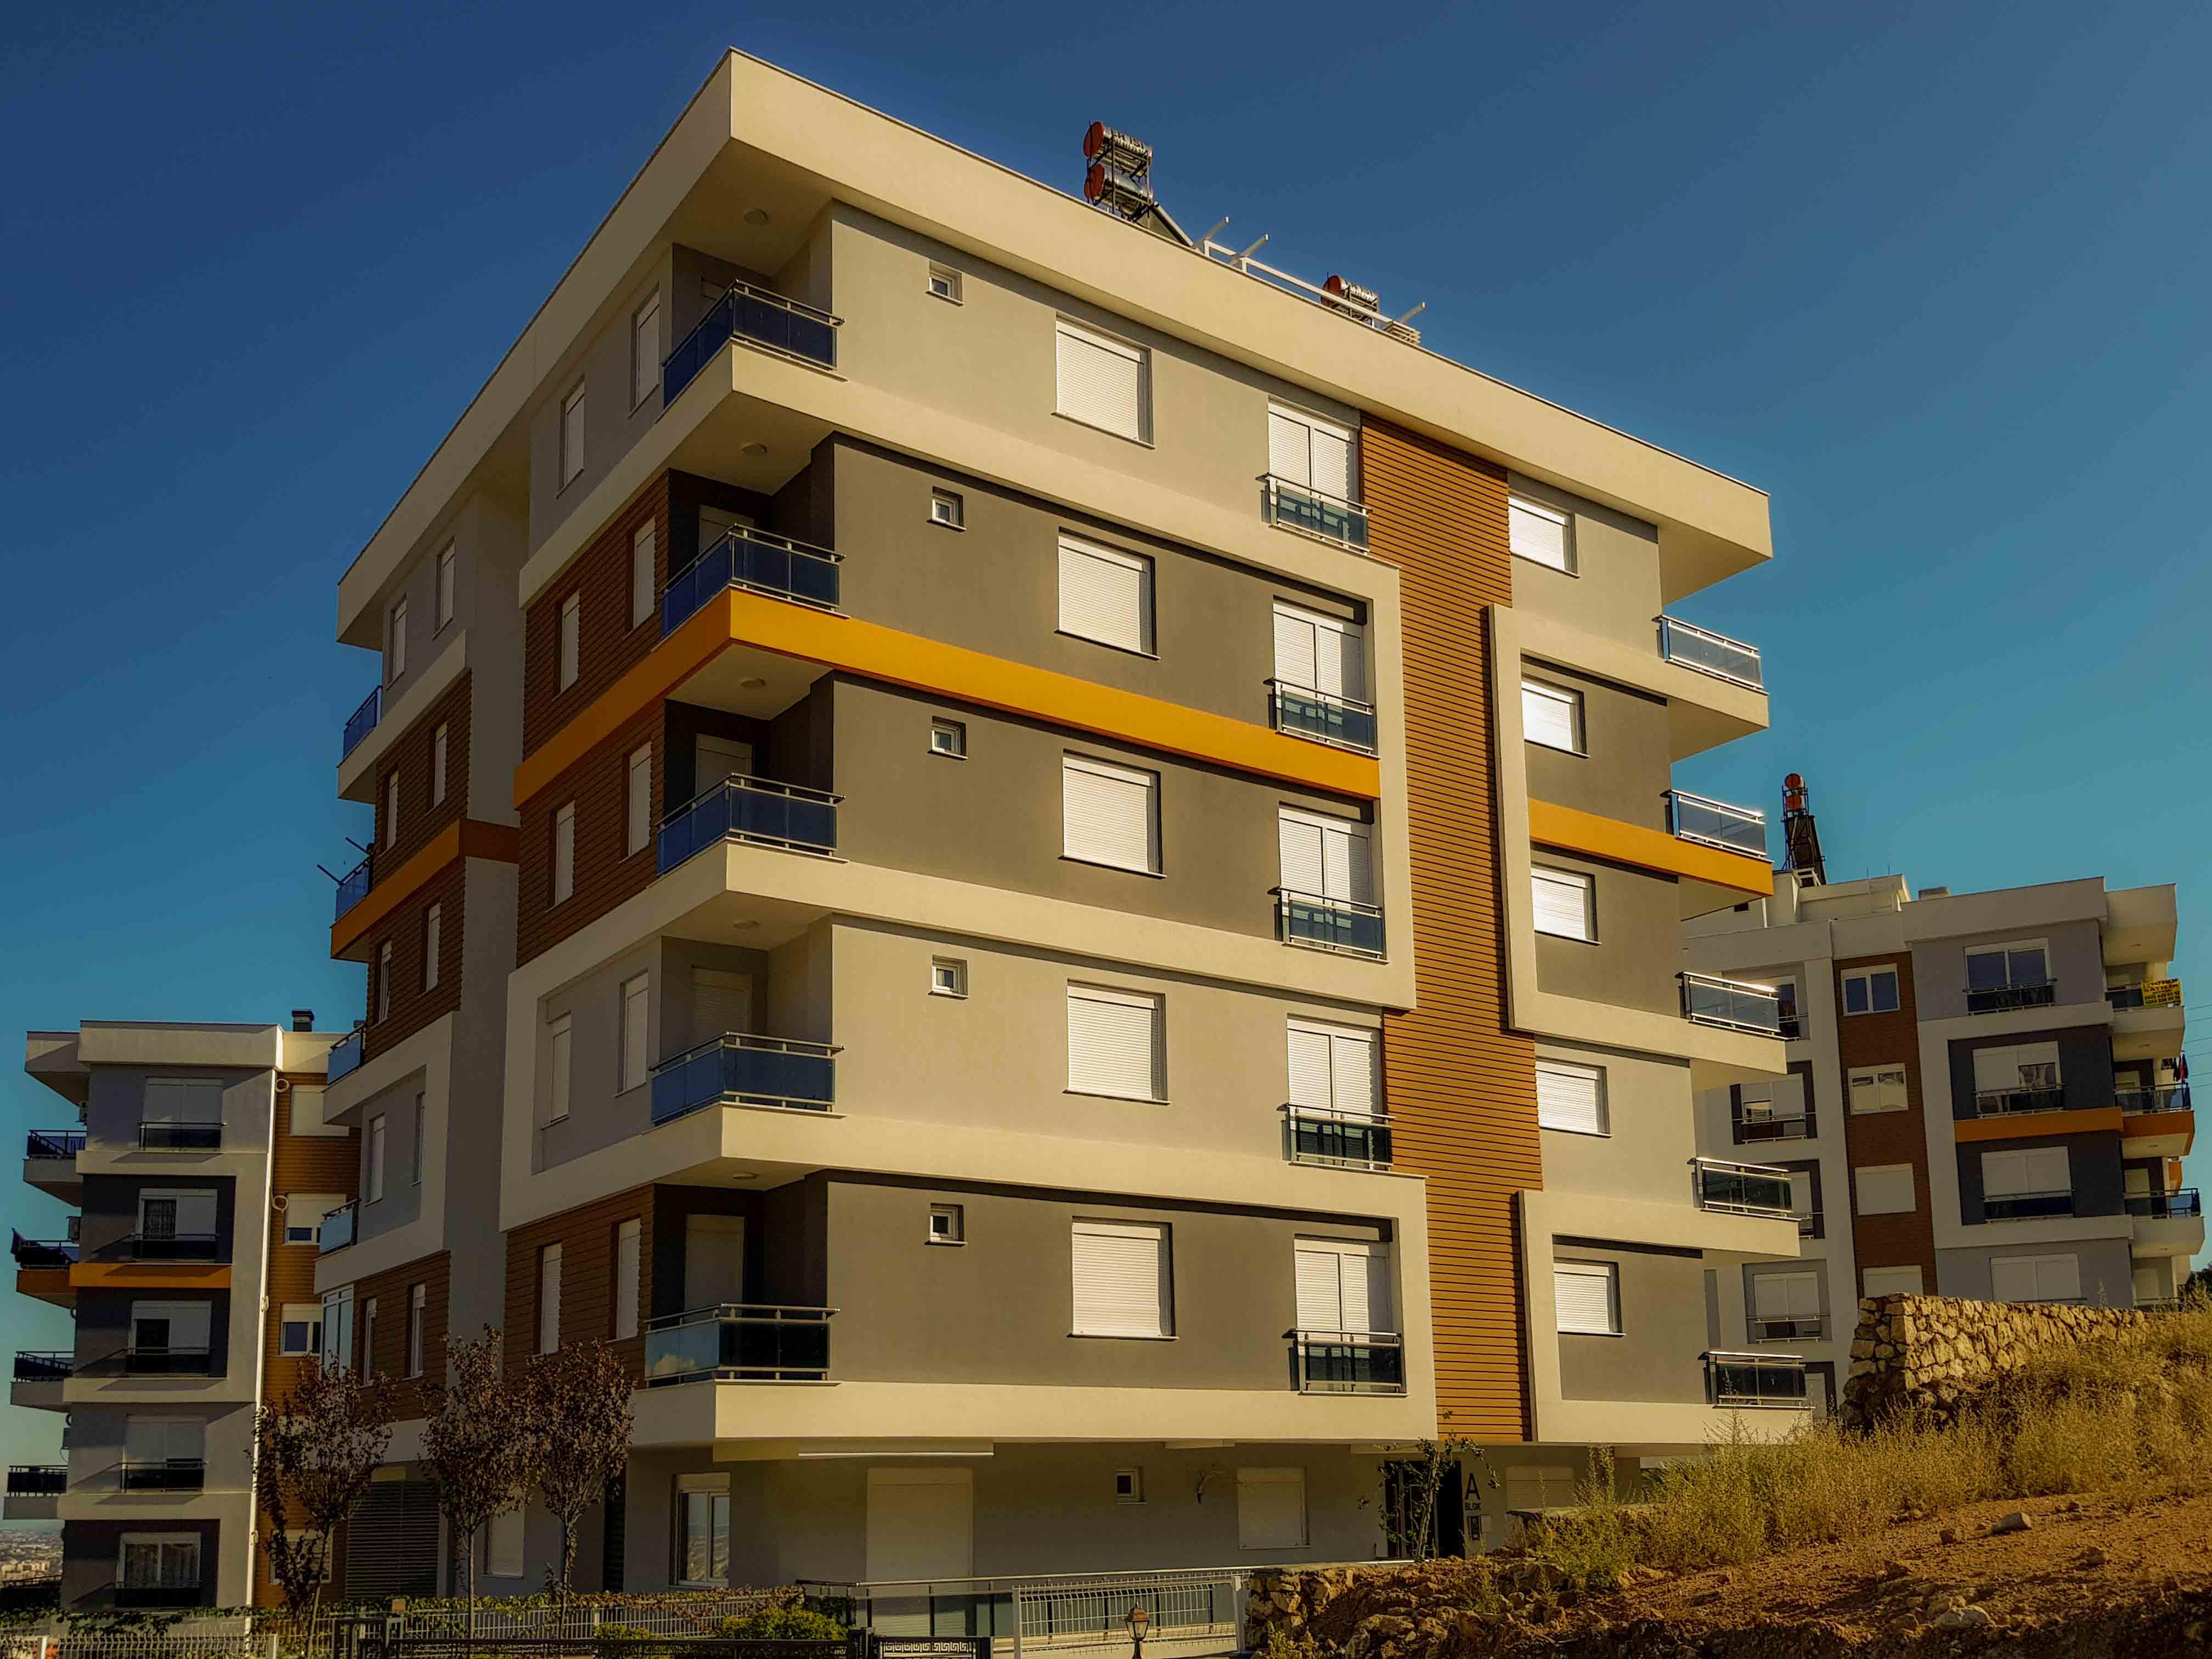 Brandneue Wohnung in Antalya